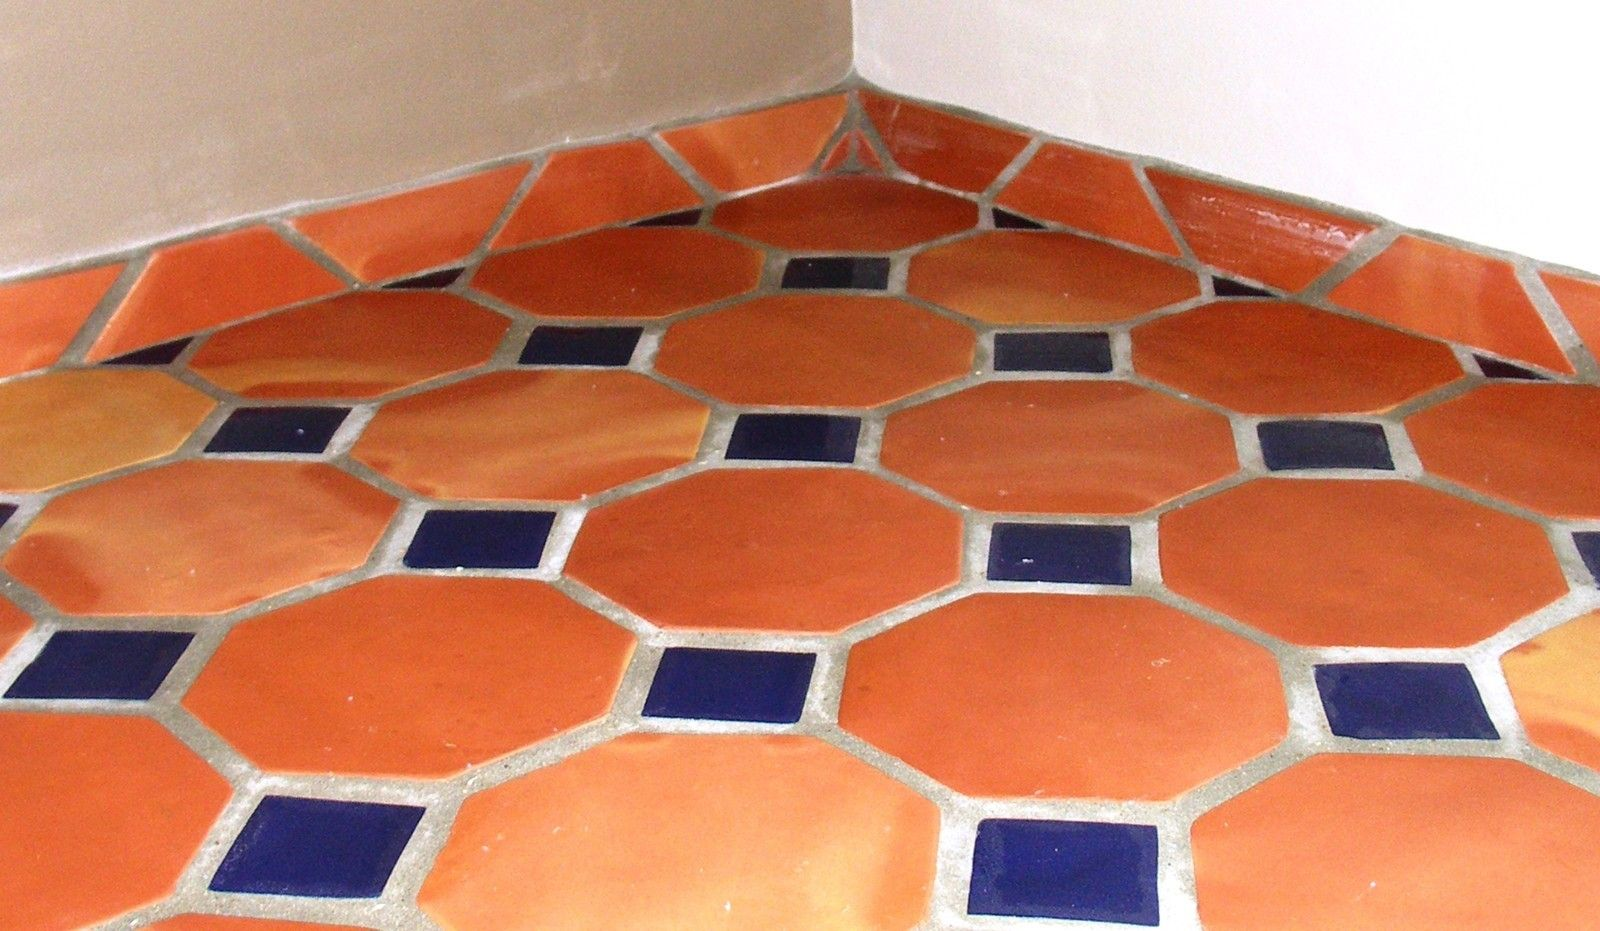 More Floor Tile Floor Terracotta Floor Paver Tiles